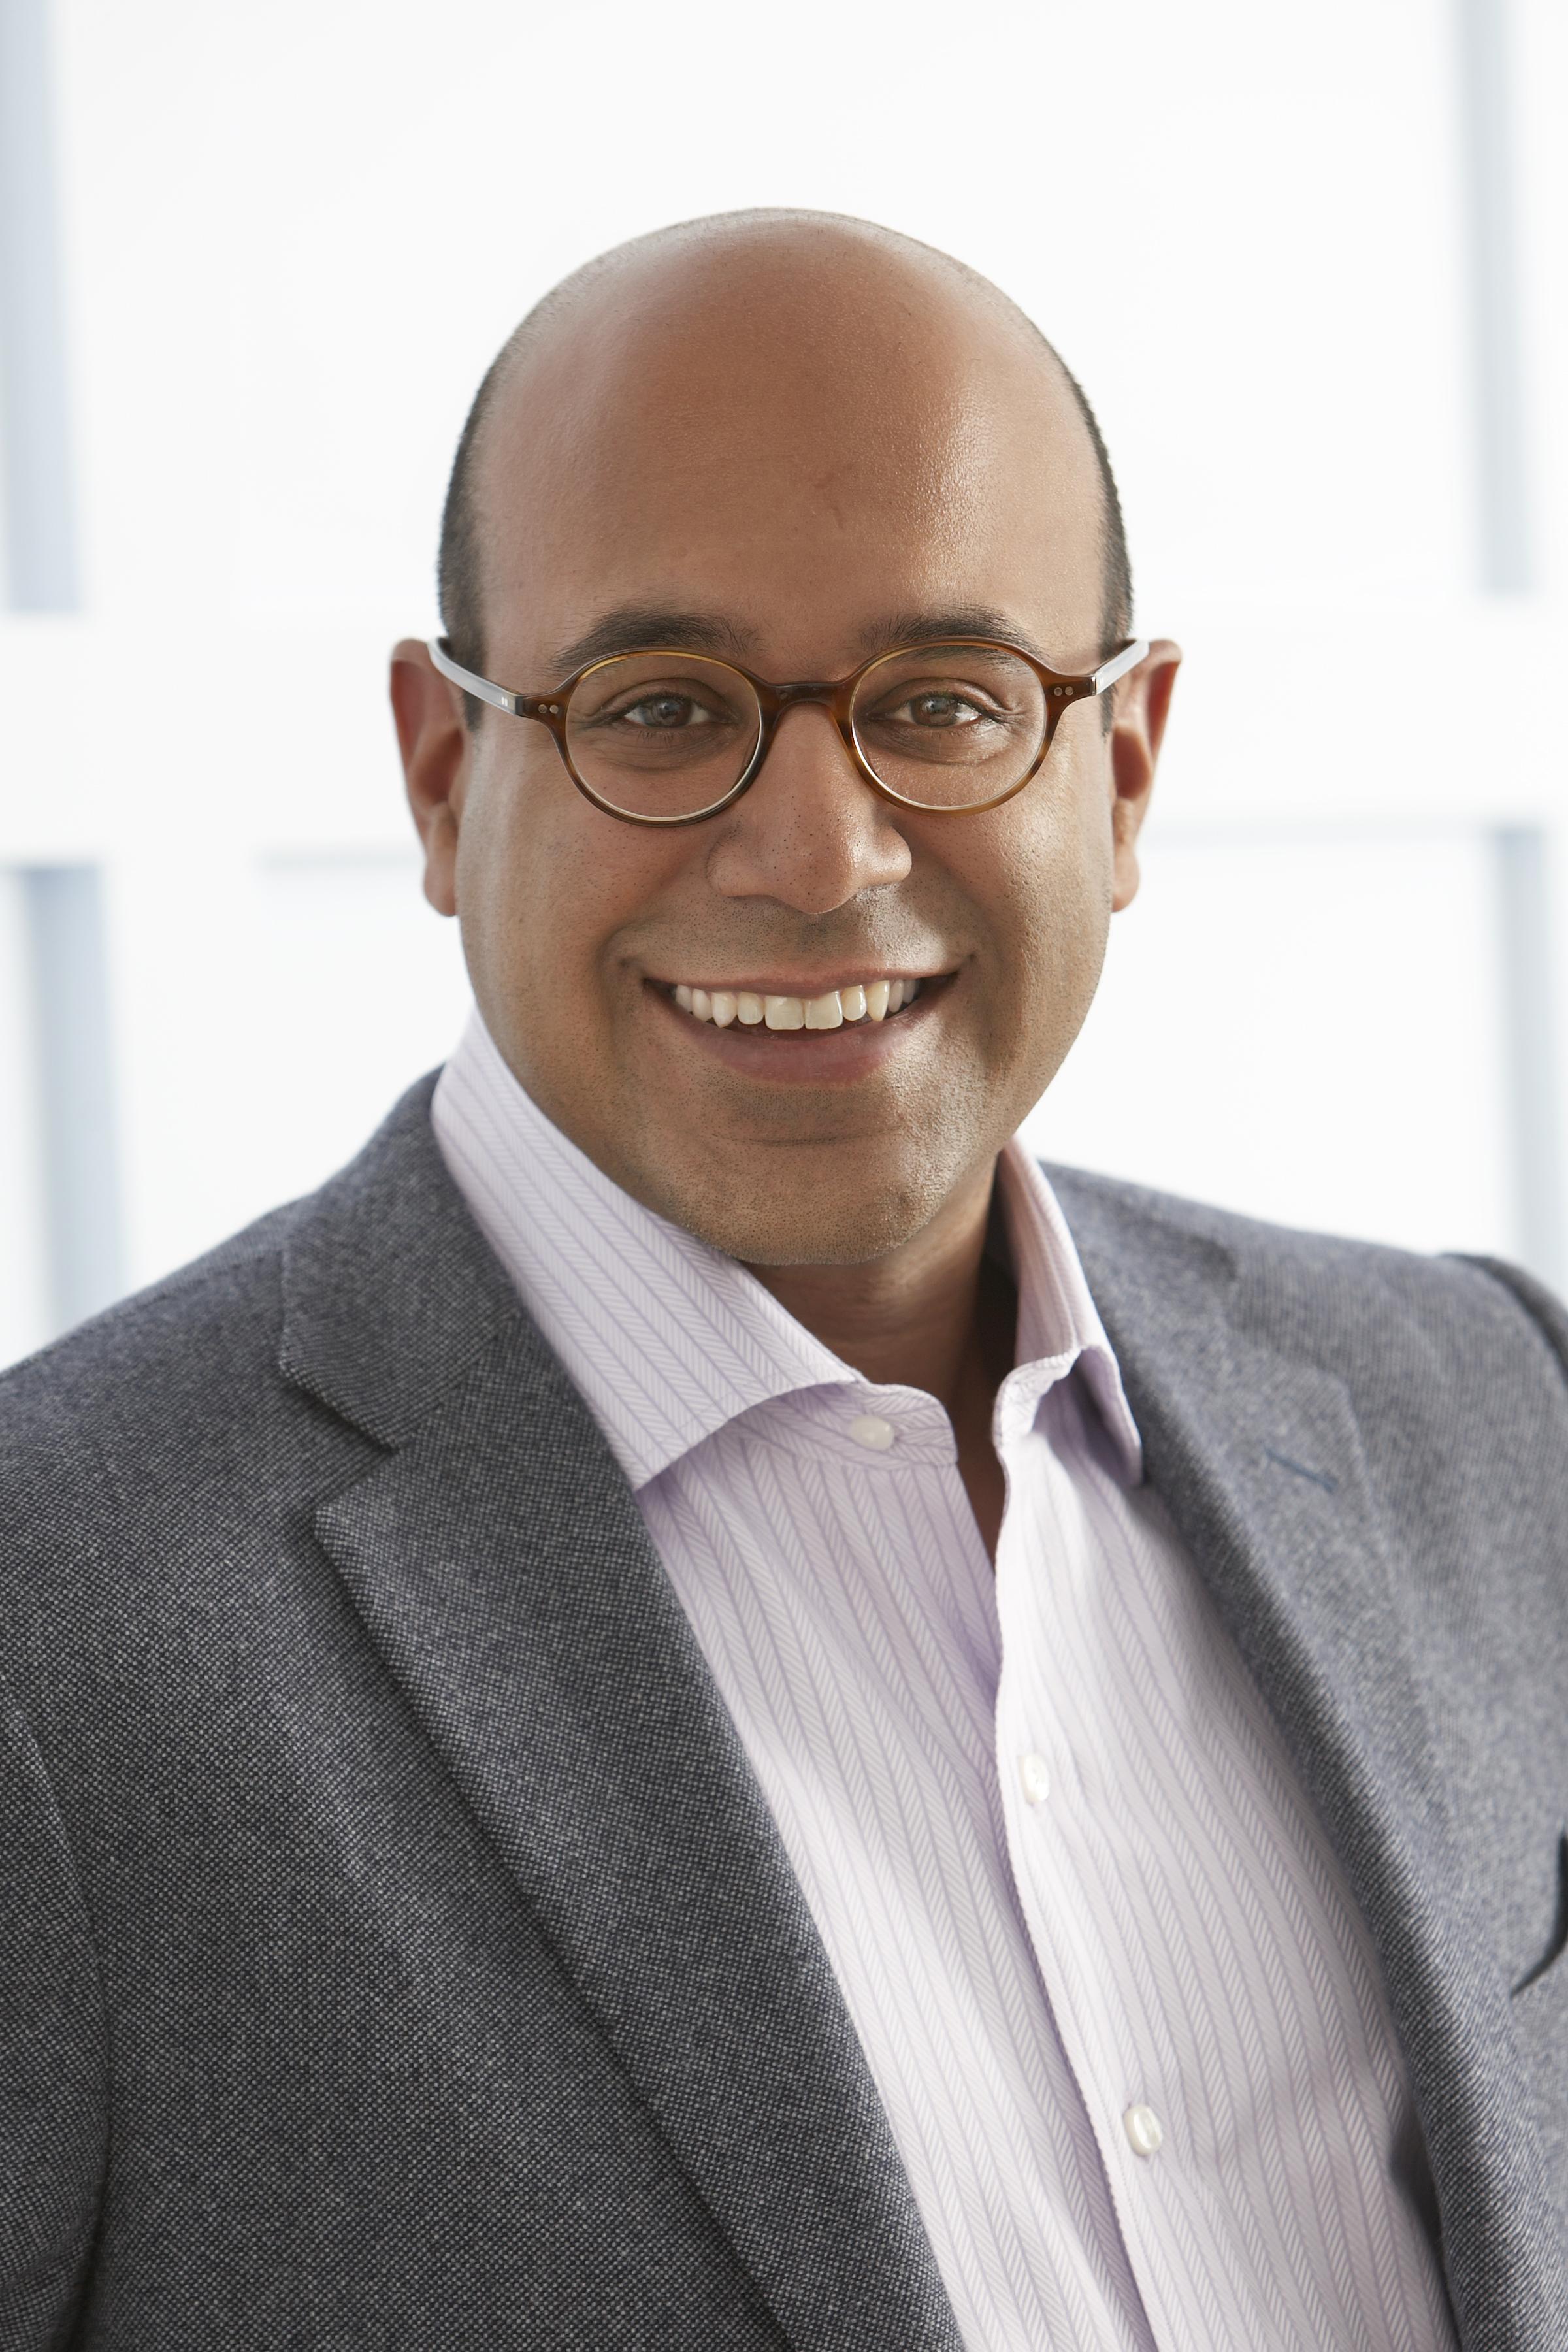 Niraj Shah, CEO of Wayfair